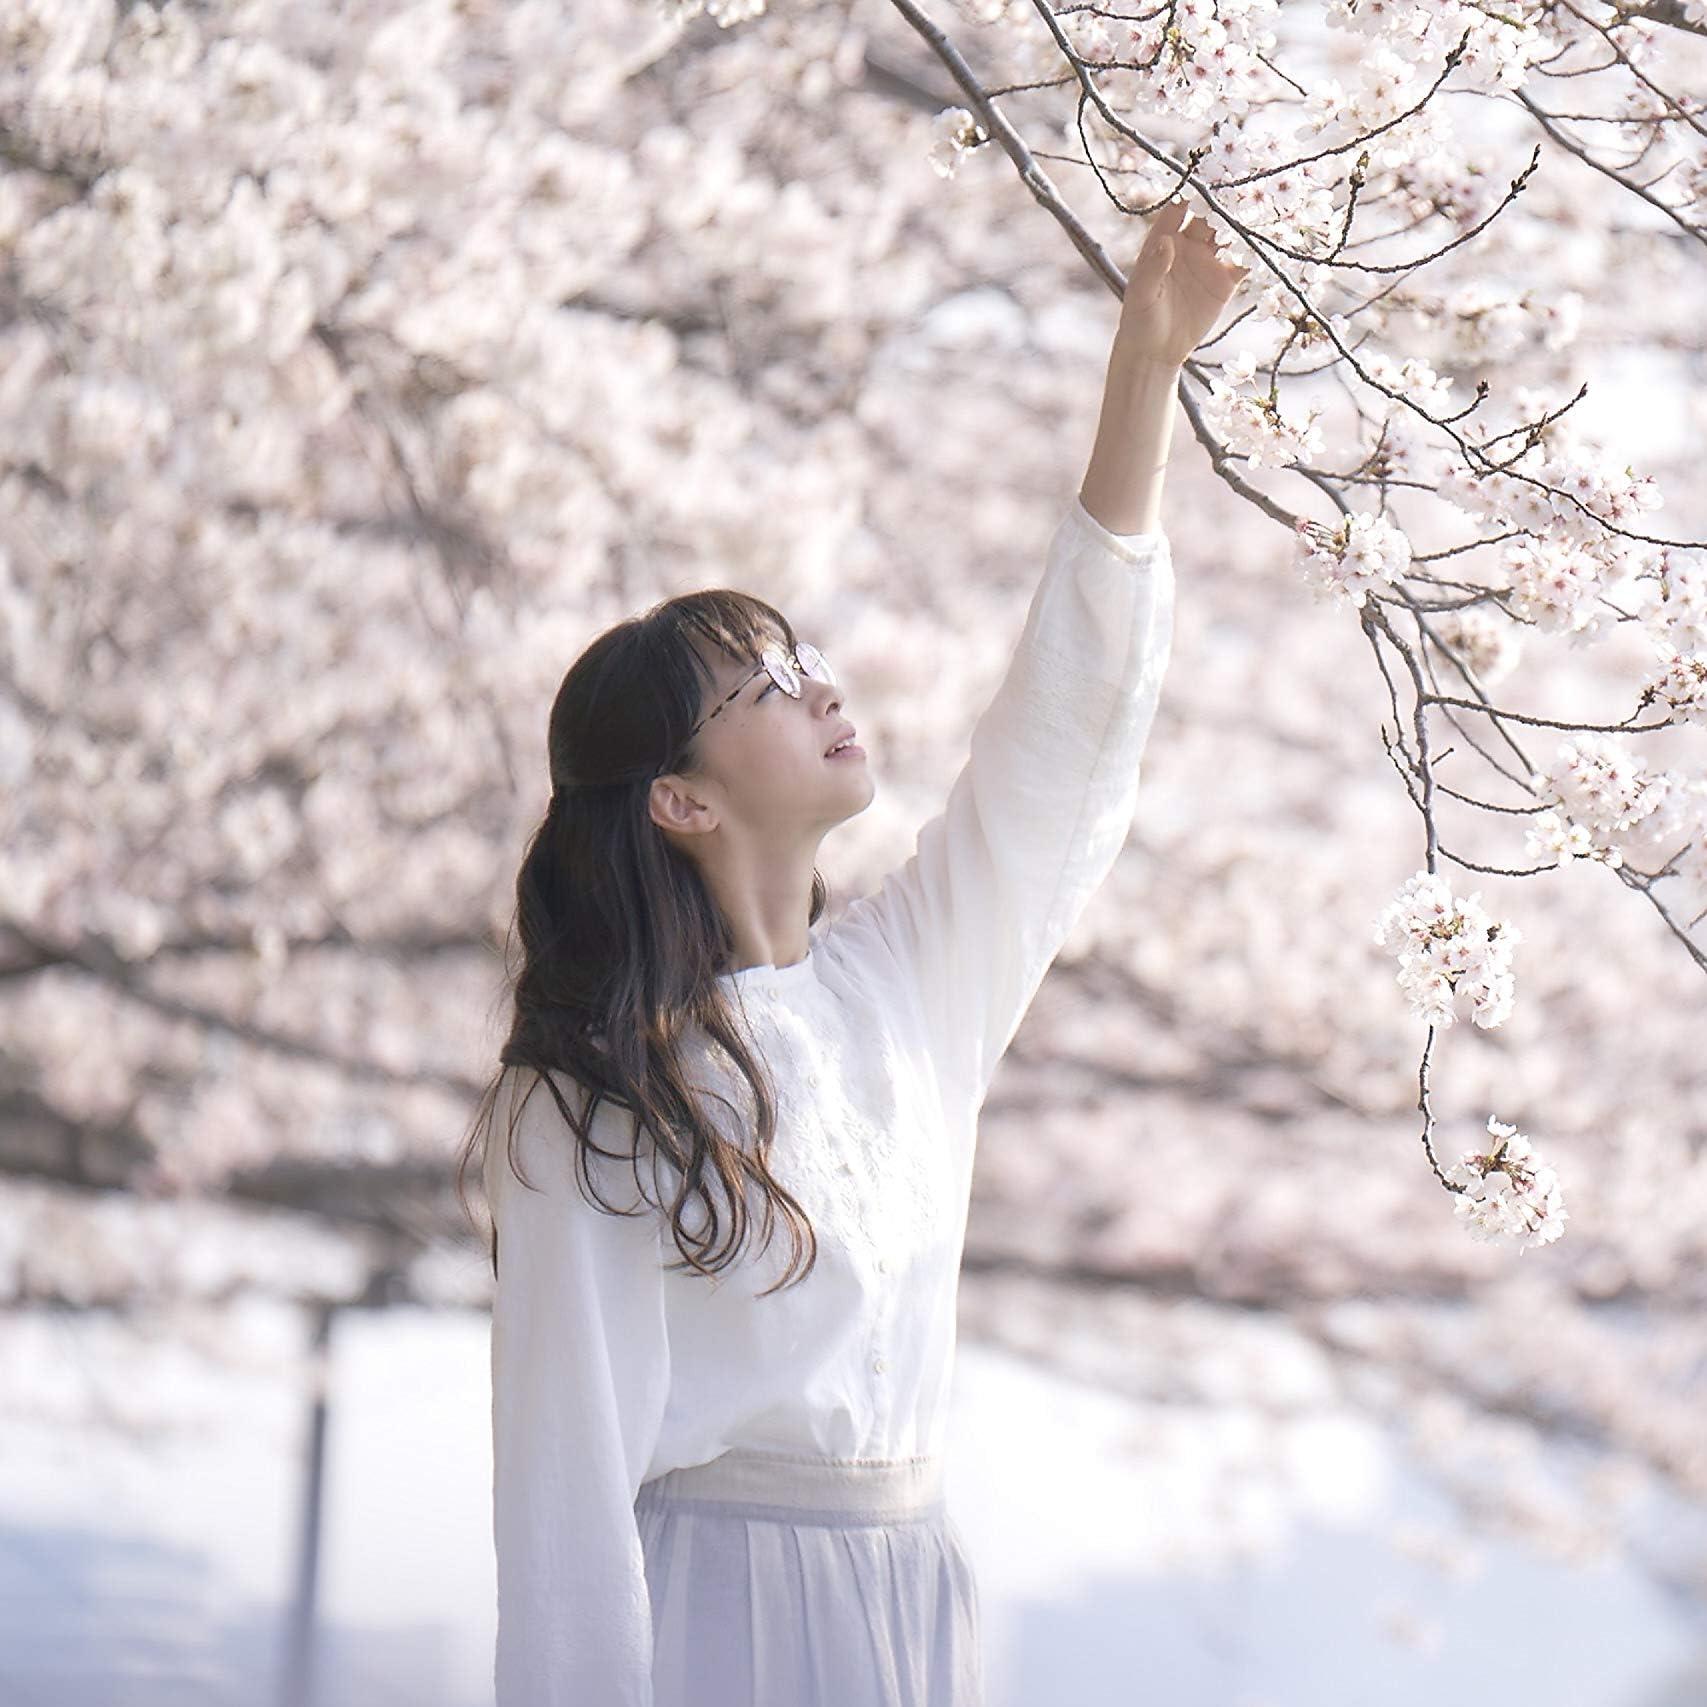 中条あやみ iPad壁紙 雪の華 女性タレント,スマホ用画像114447